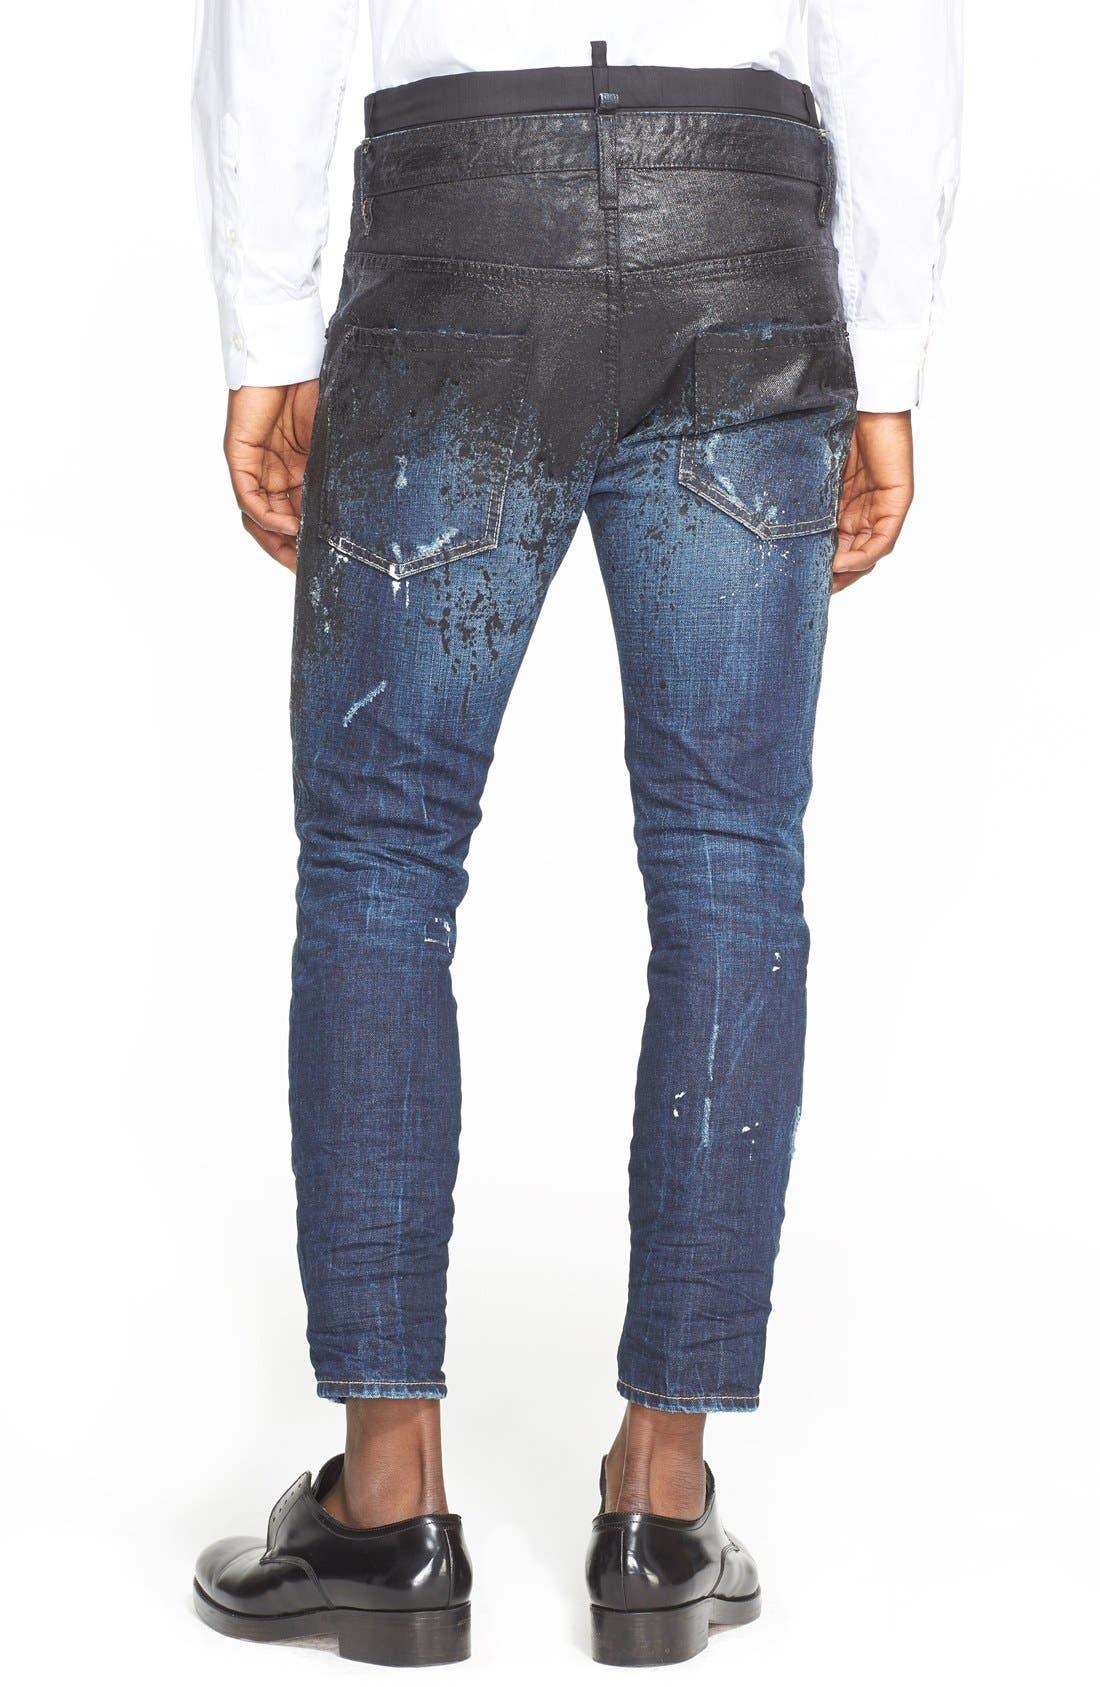 DSQUARED2, Skater Fit Double Waist Paint Splatter Jeans, Alternate thumbnail 2, color, 005